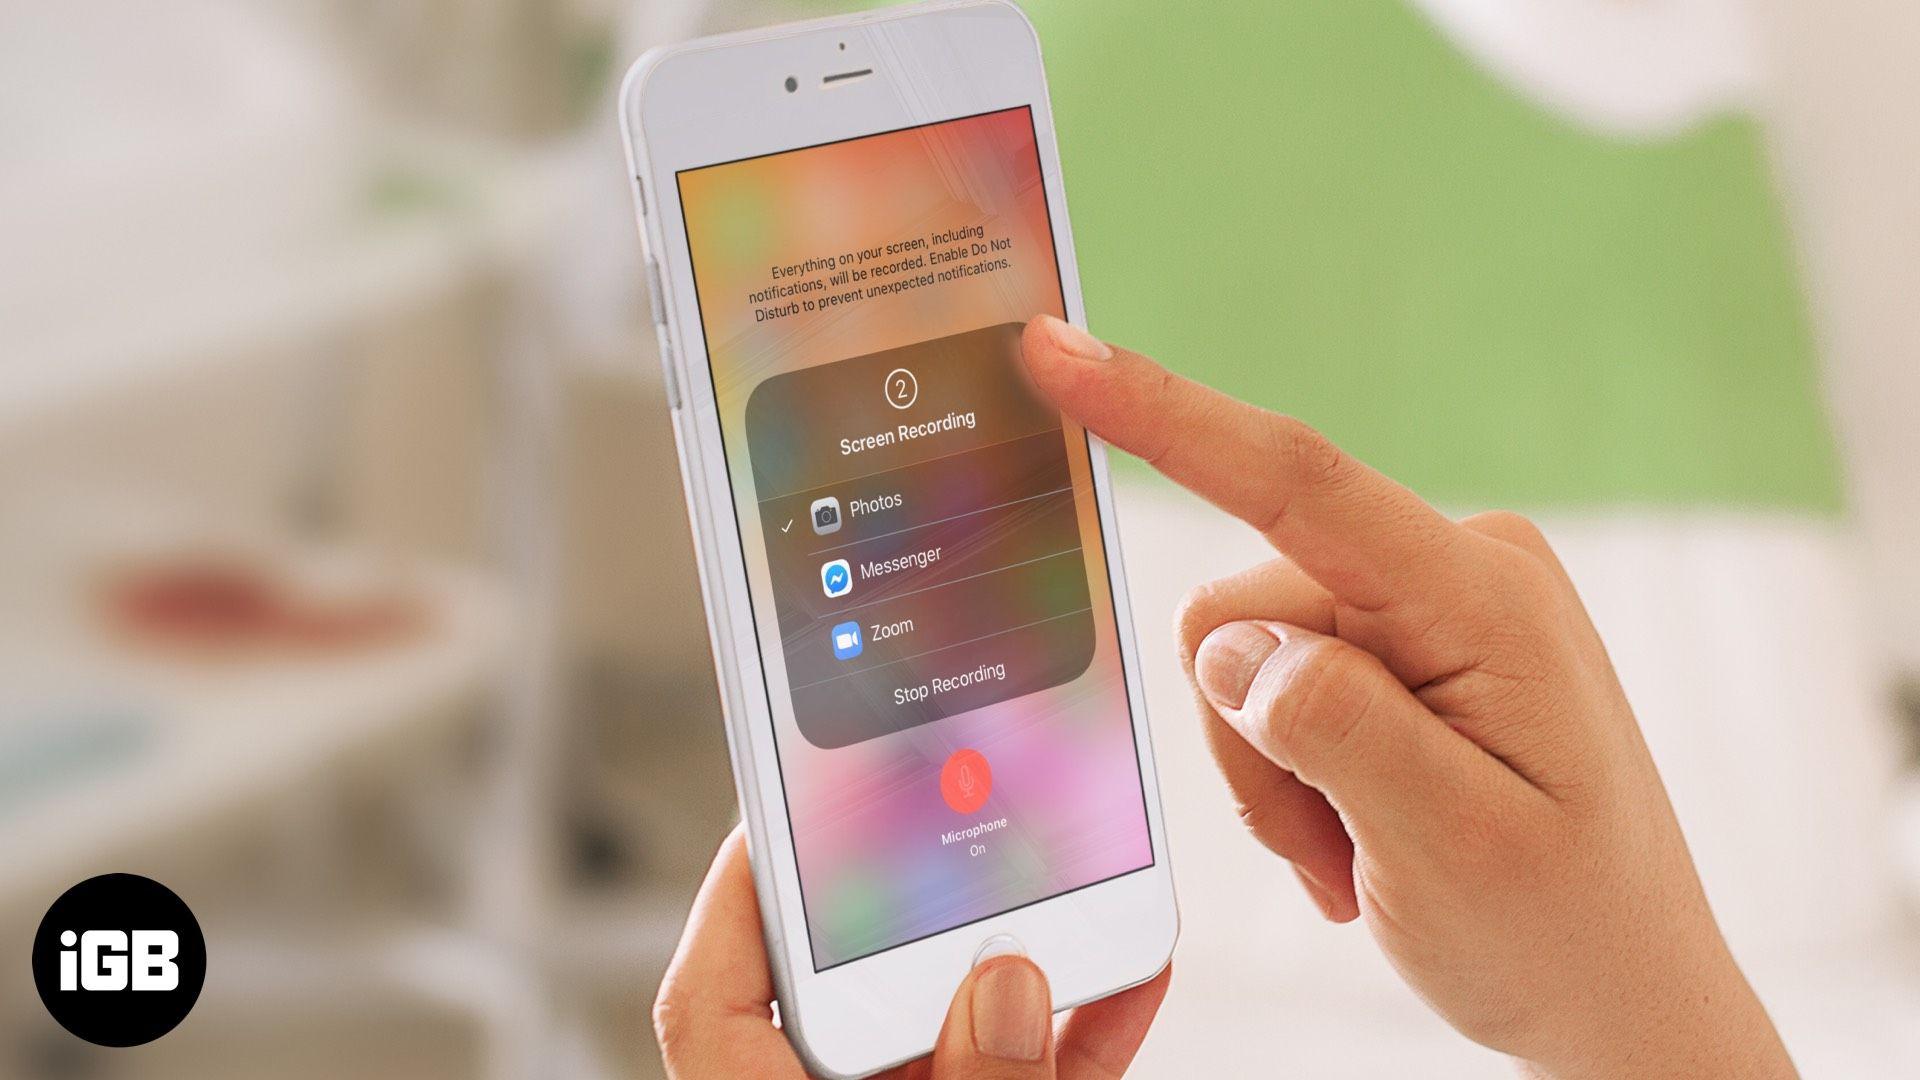 Cómo Grabar Pantalla En Iphone Ipad Y Ipod Touch Ipod Touch Ipod Ipad